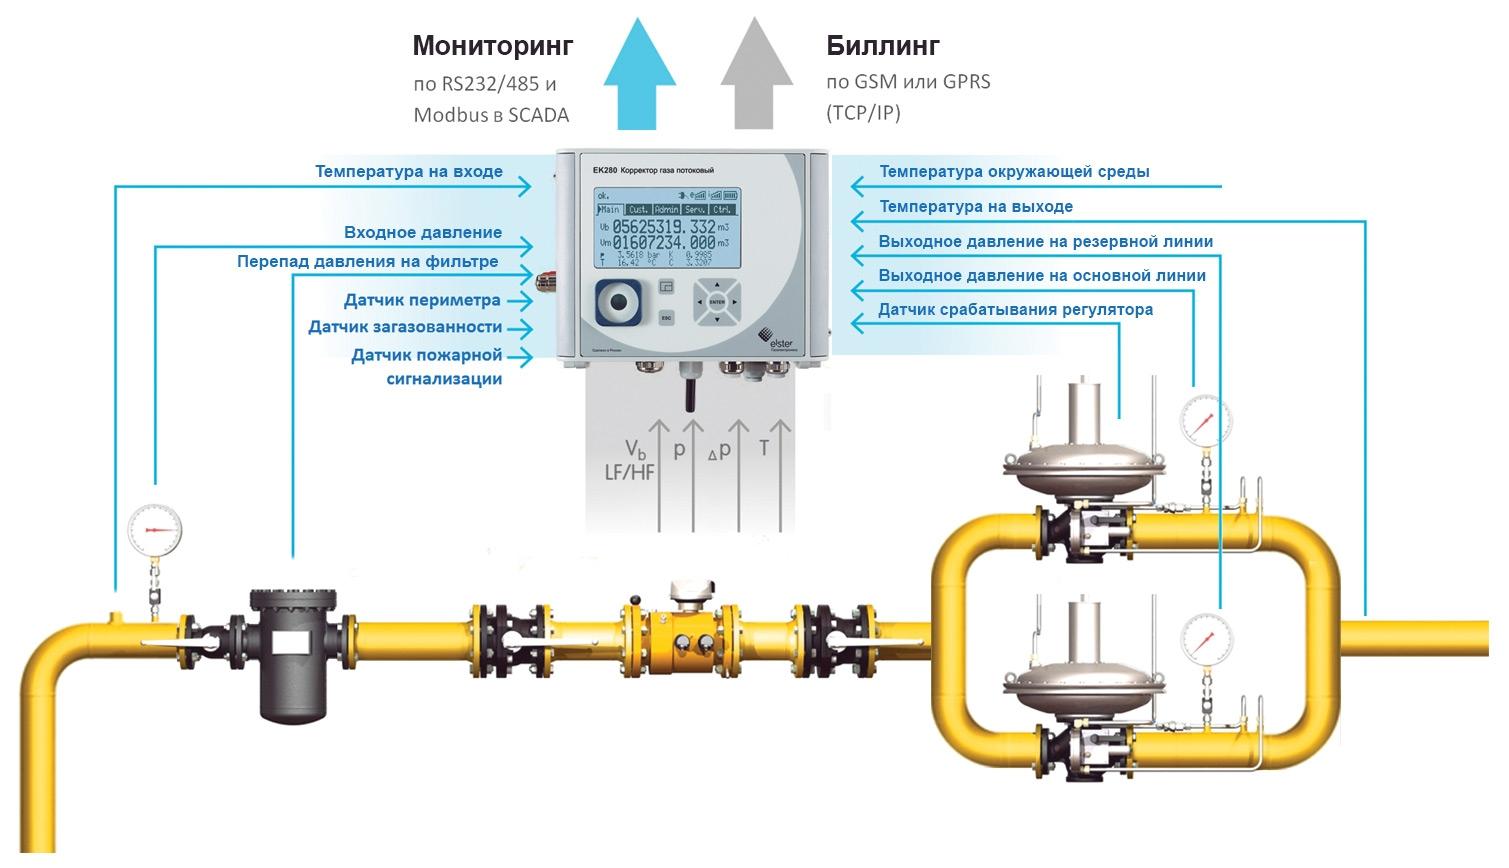 Потоковые корректоры газа